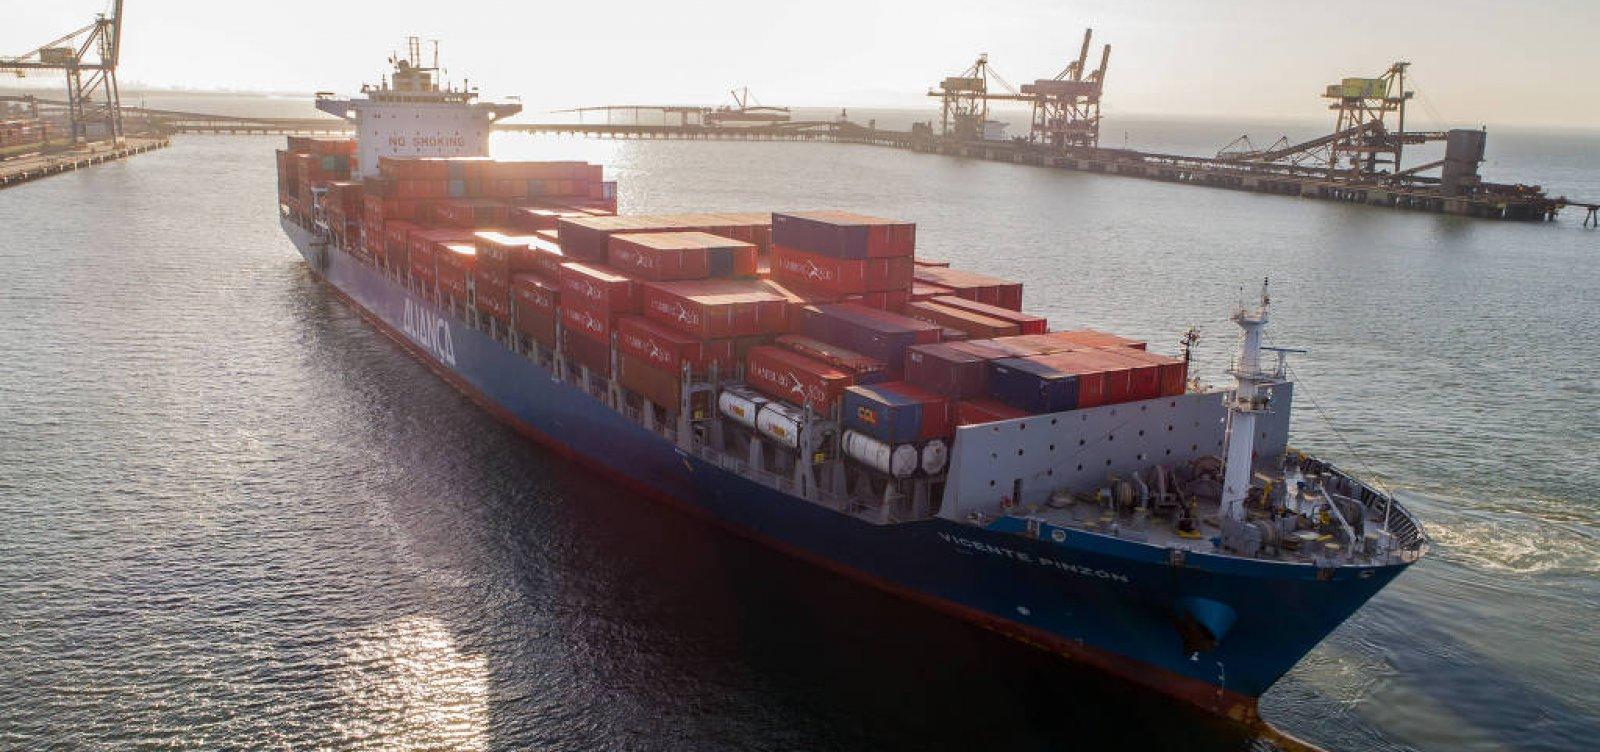 Transporte de carga pela costa cresce 18% após greve dos caminhoneiros